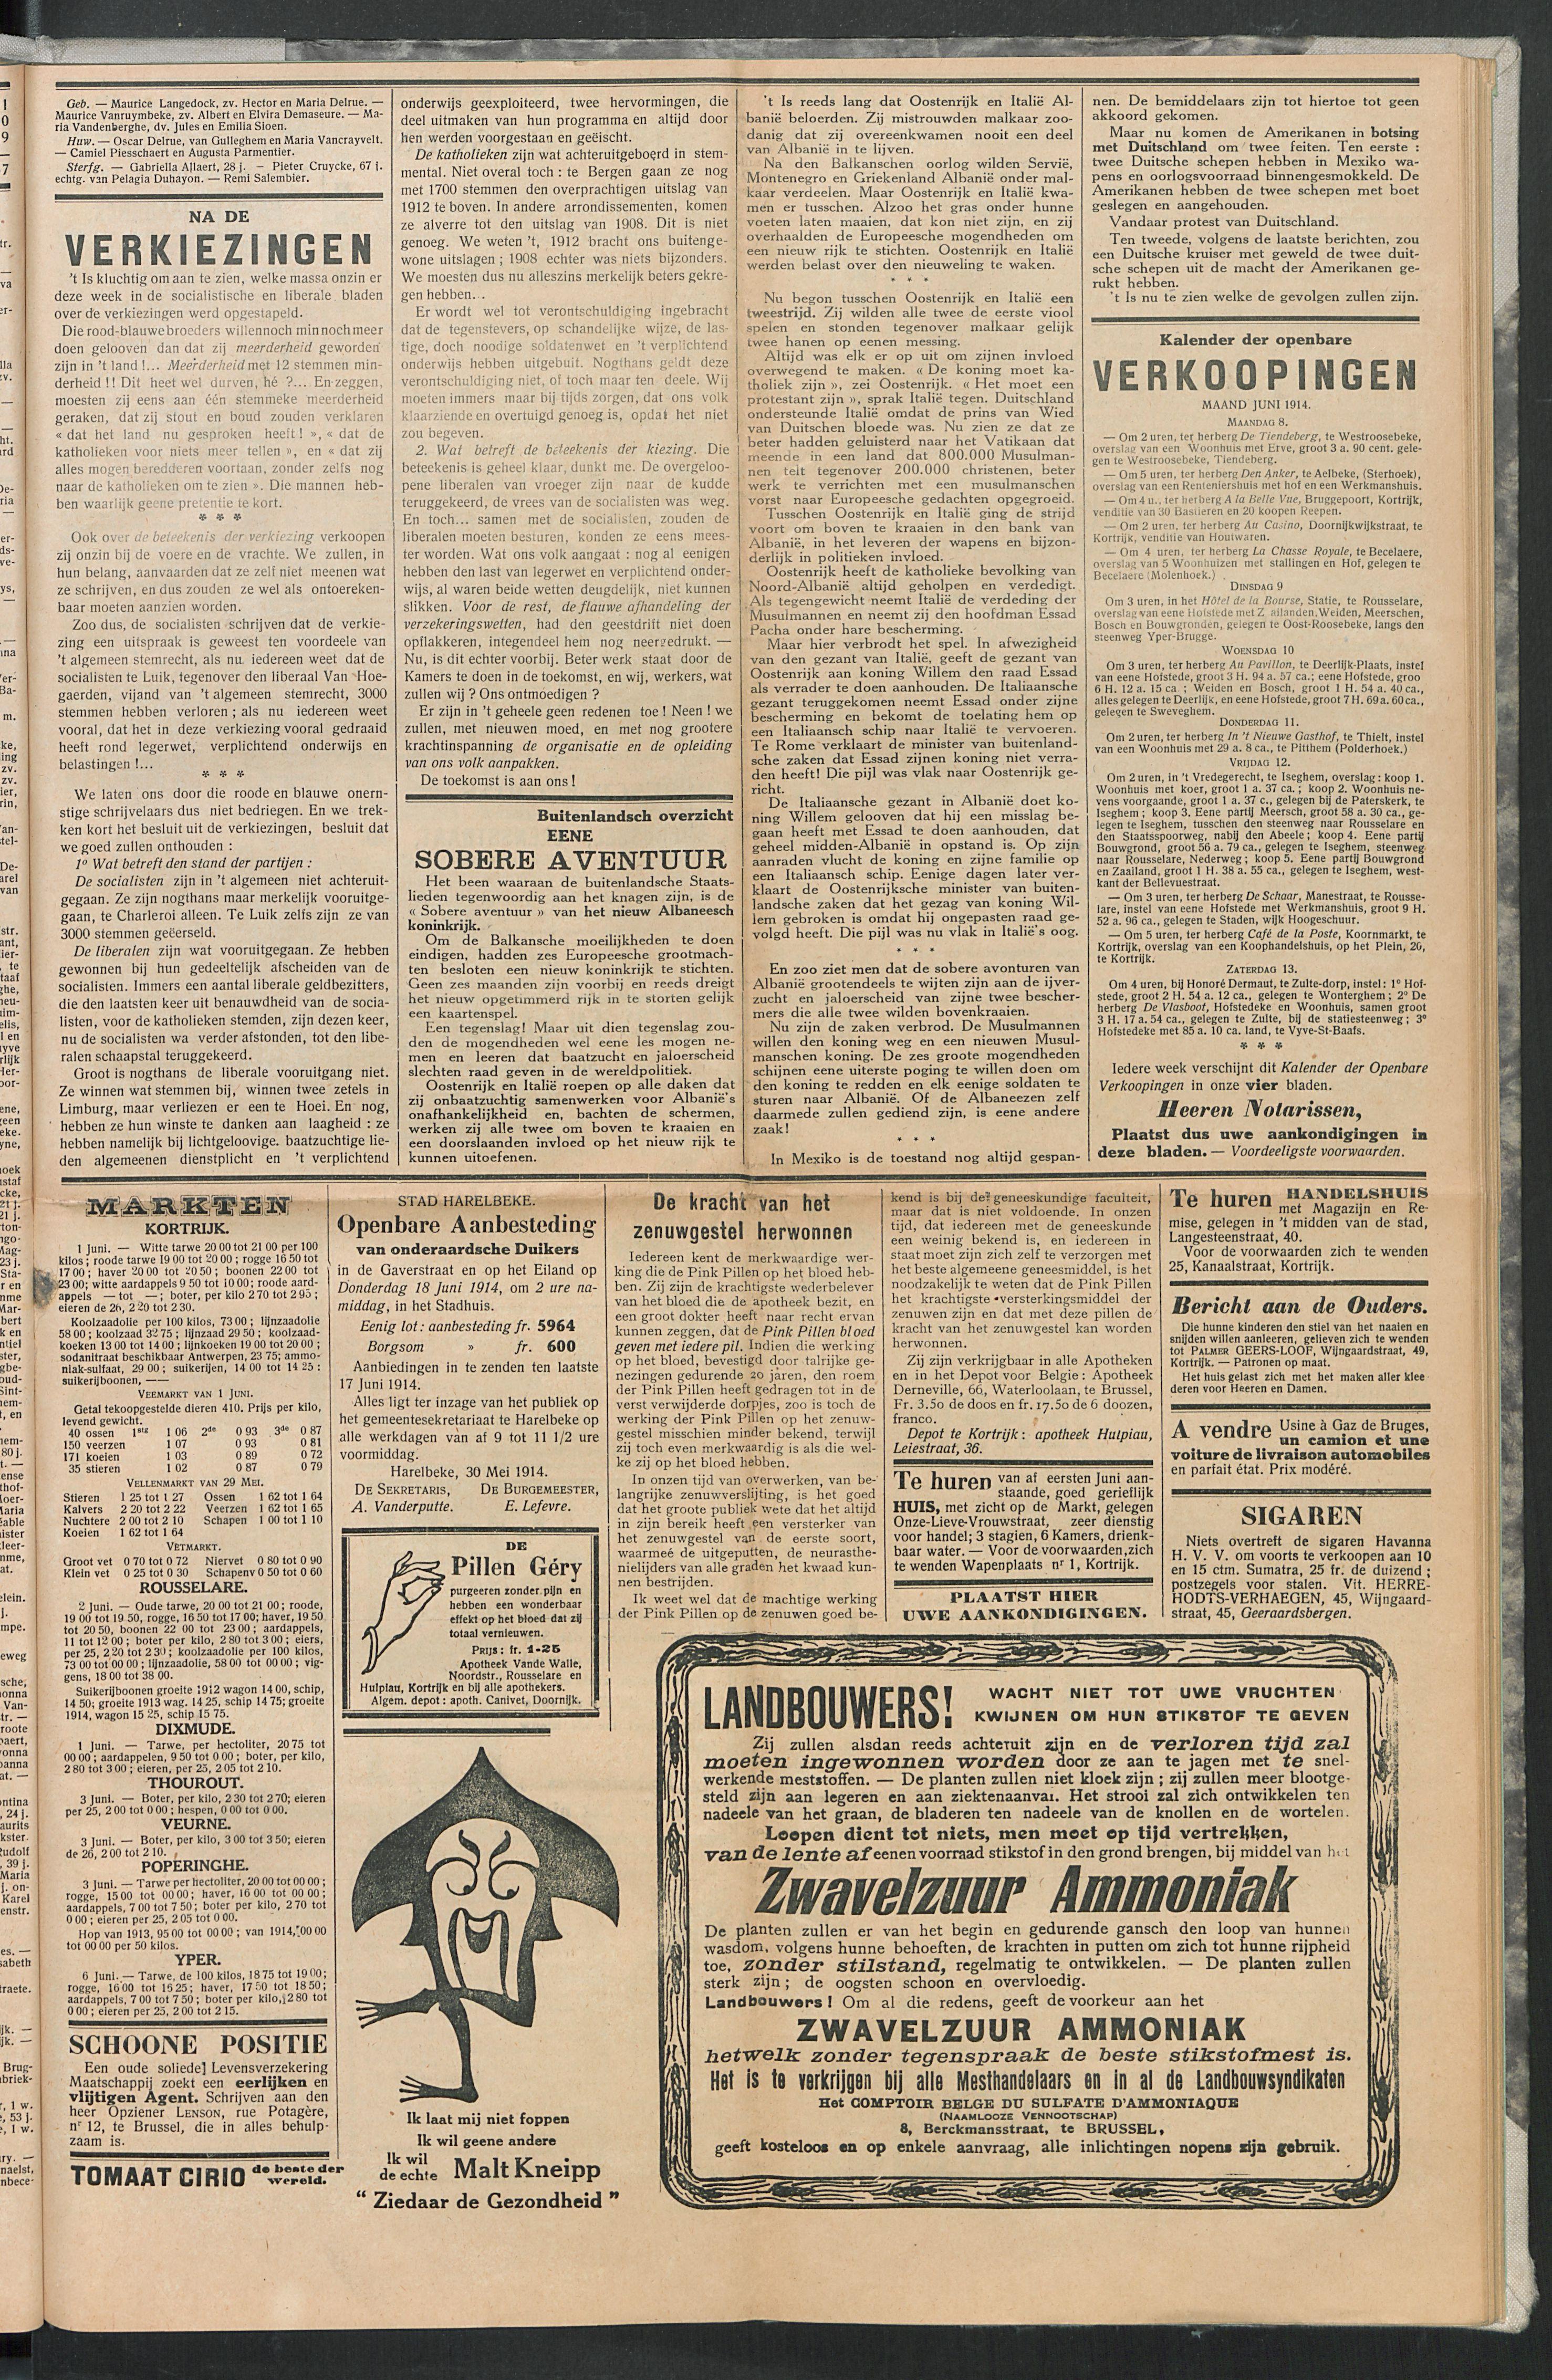 Het Kortrijksche Volk 1914-06-07 p5